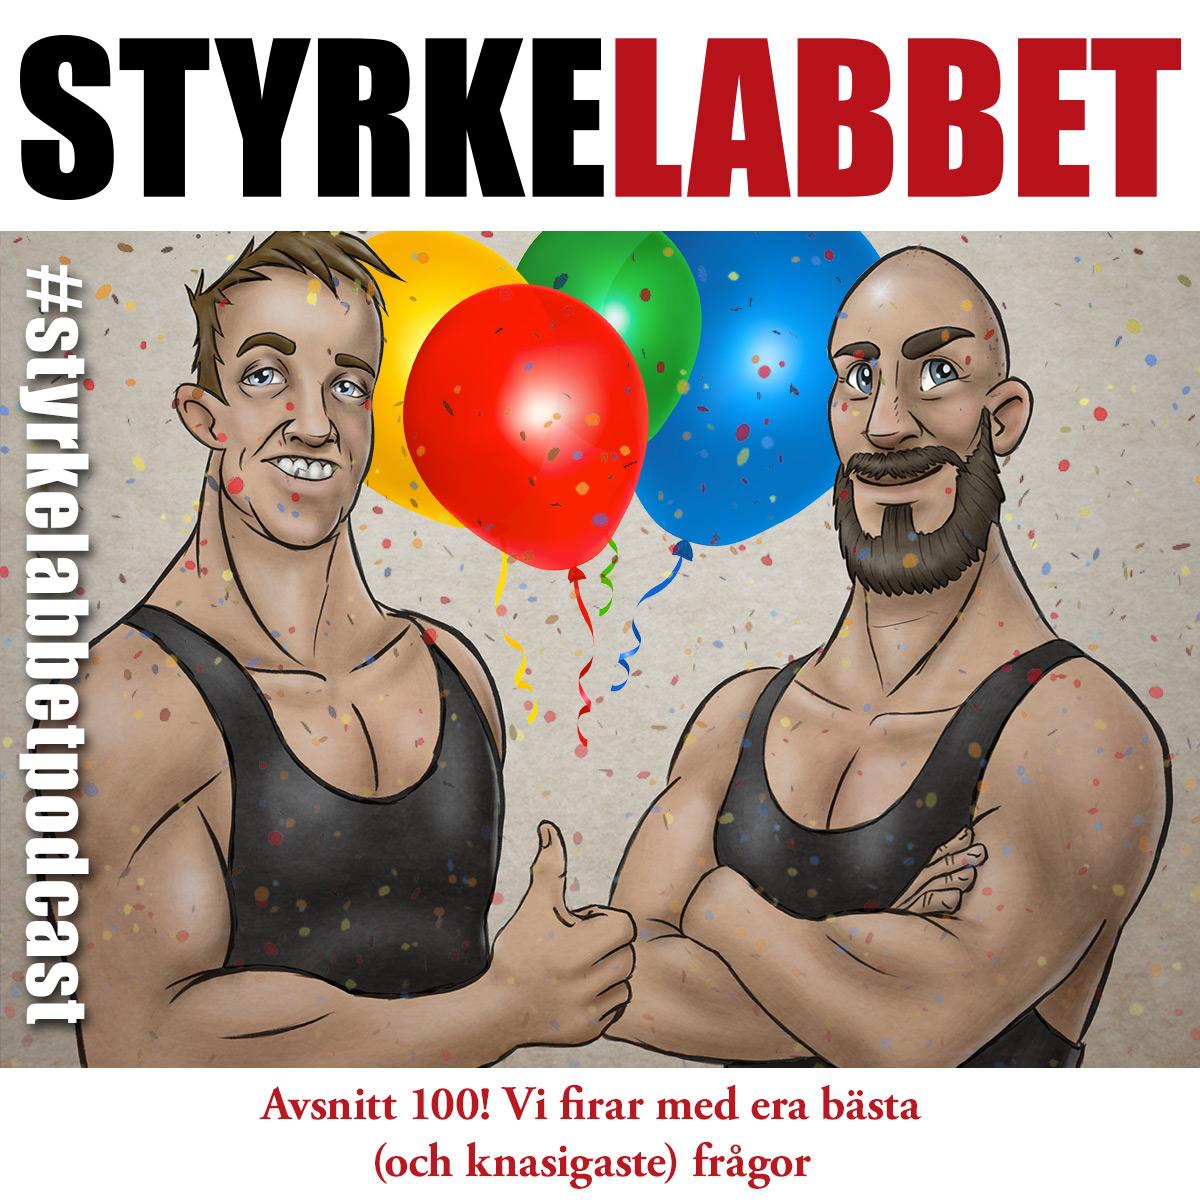 Styrkelabbet podcast avsnitt 100